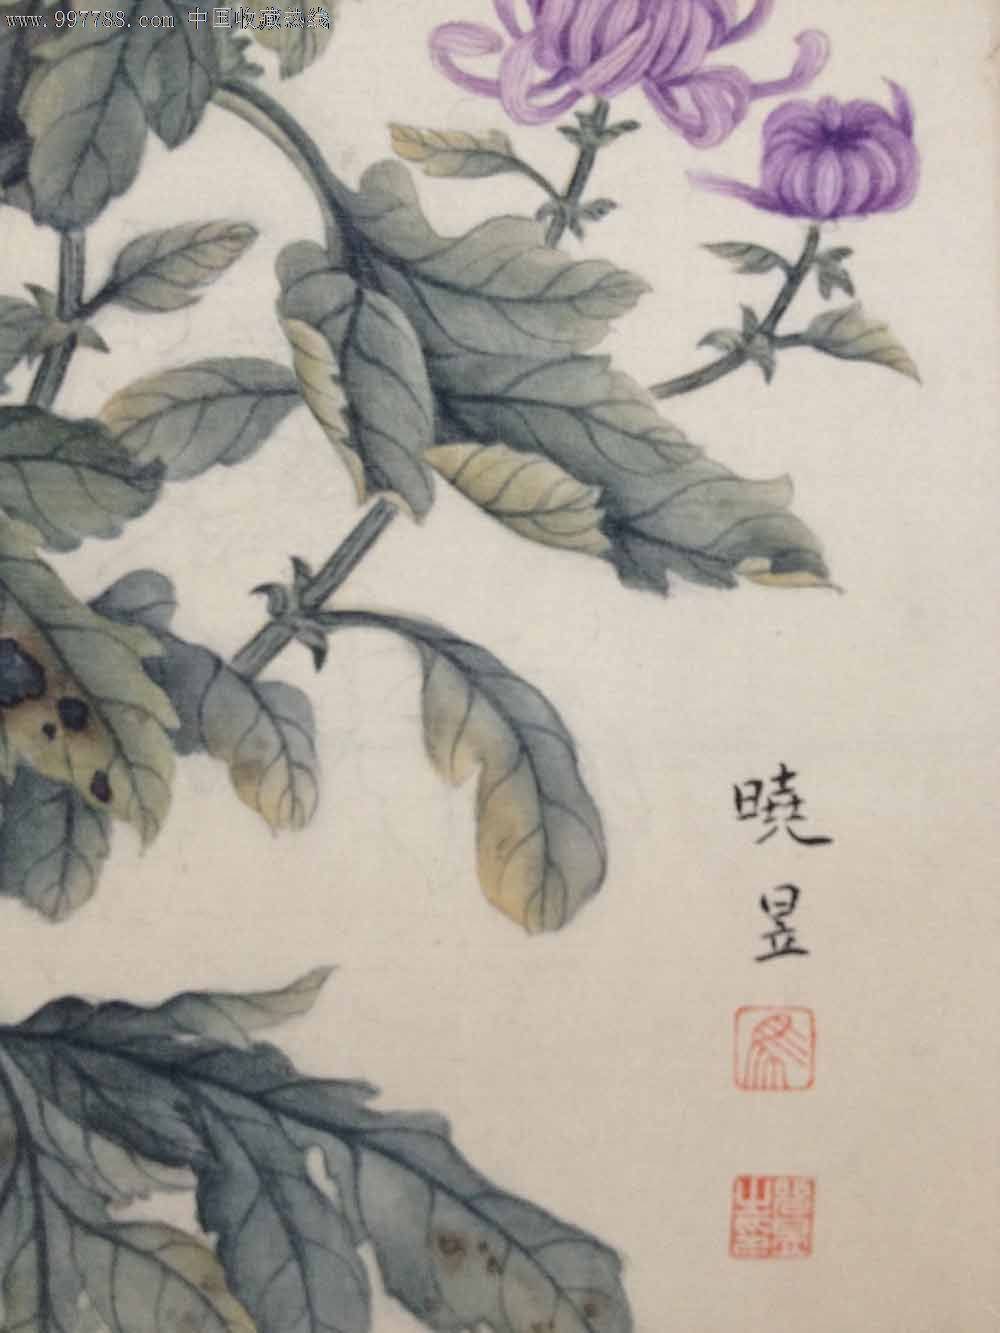 马晓昱工笔画-花卉菊花_价格元_第2张_7788收藏__中国收藏热线